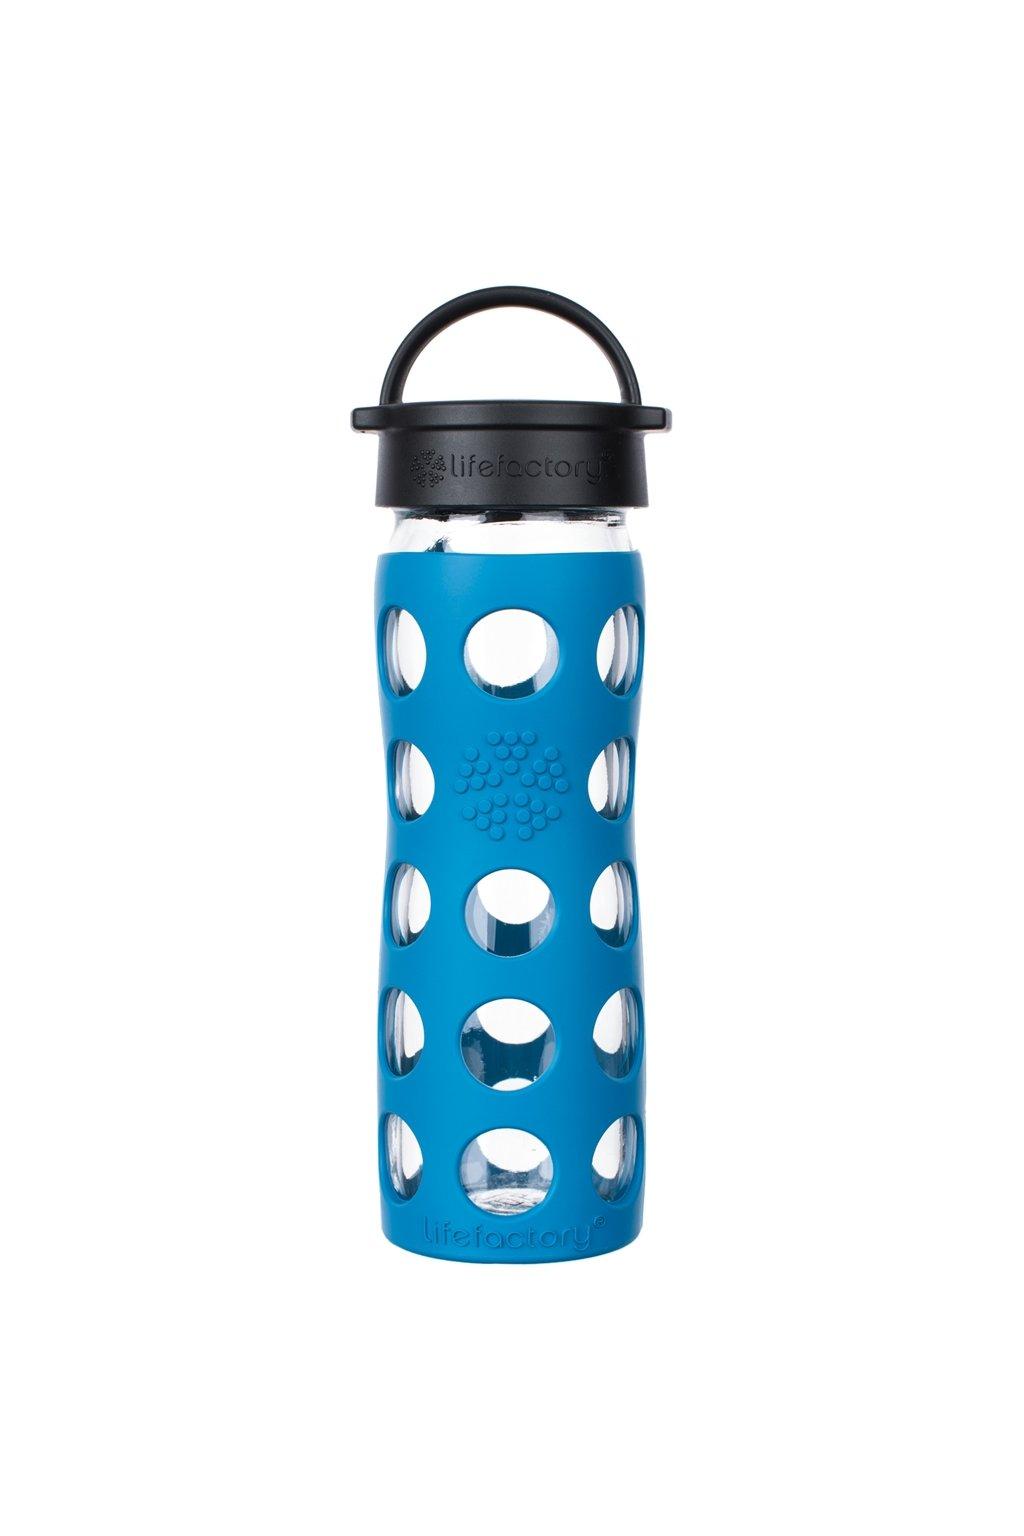 Lifefactory sklenena lahev na vodu 475 ml teal lake